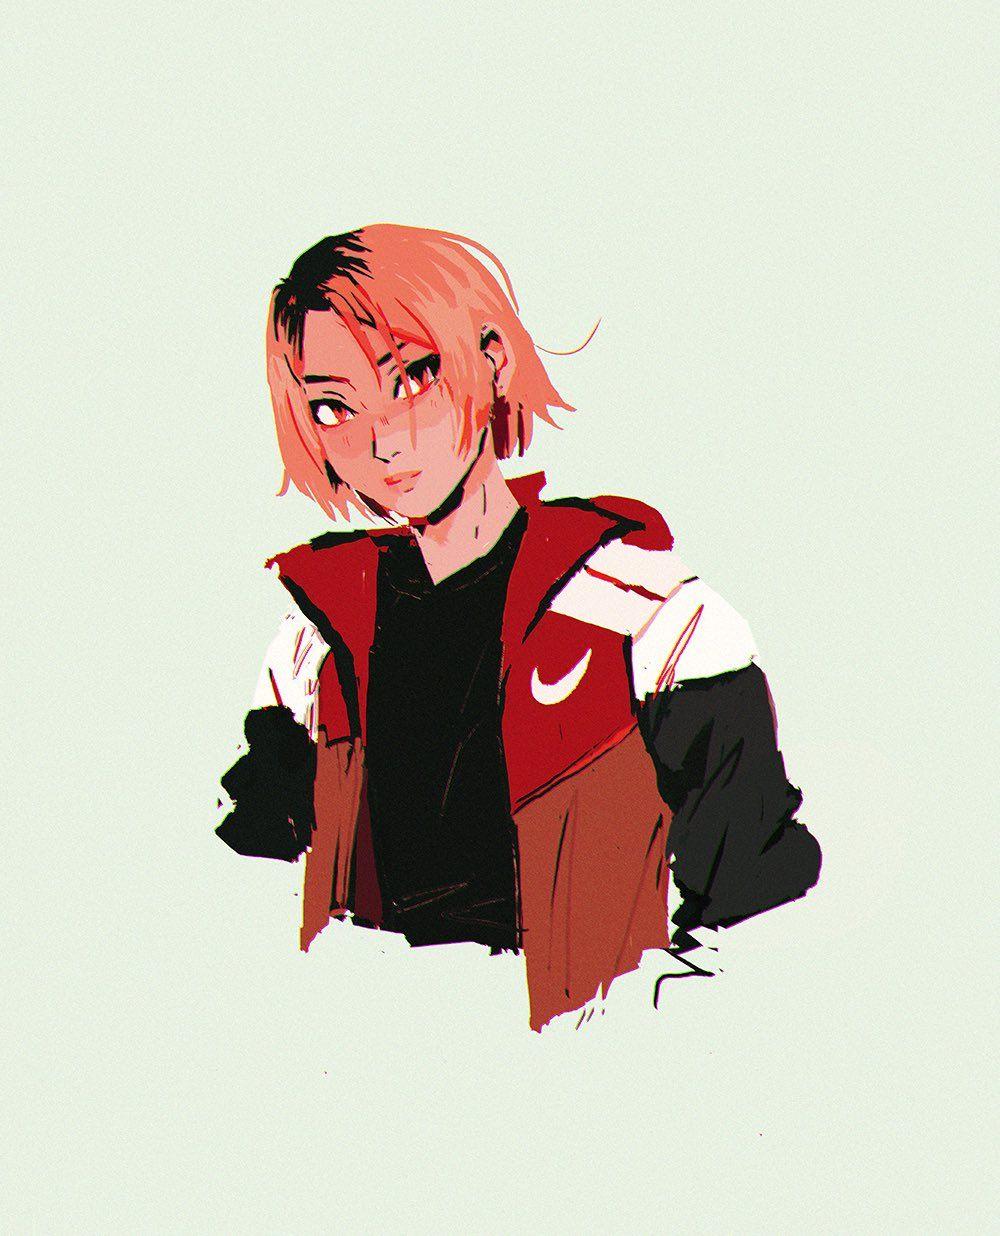 Pin on Haikyuu!! but characters